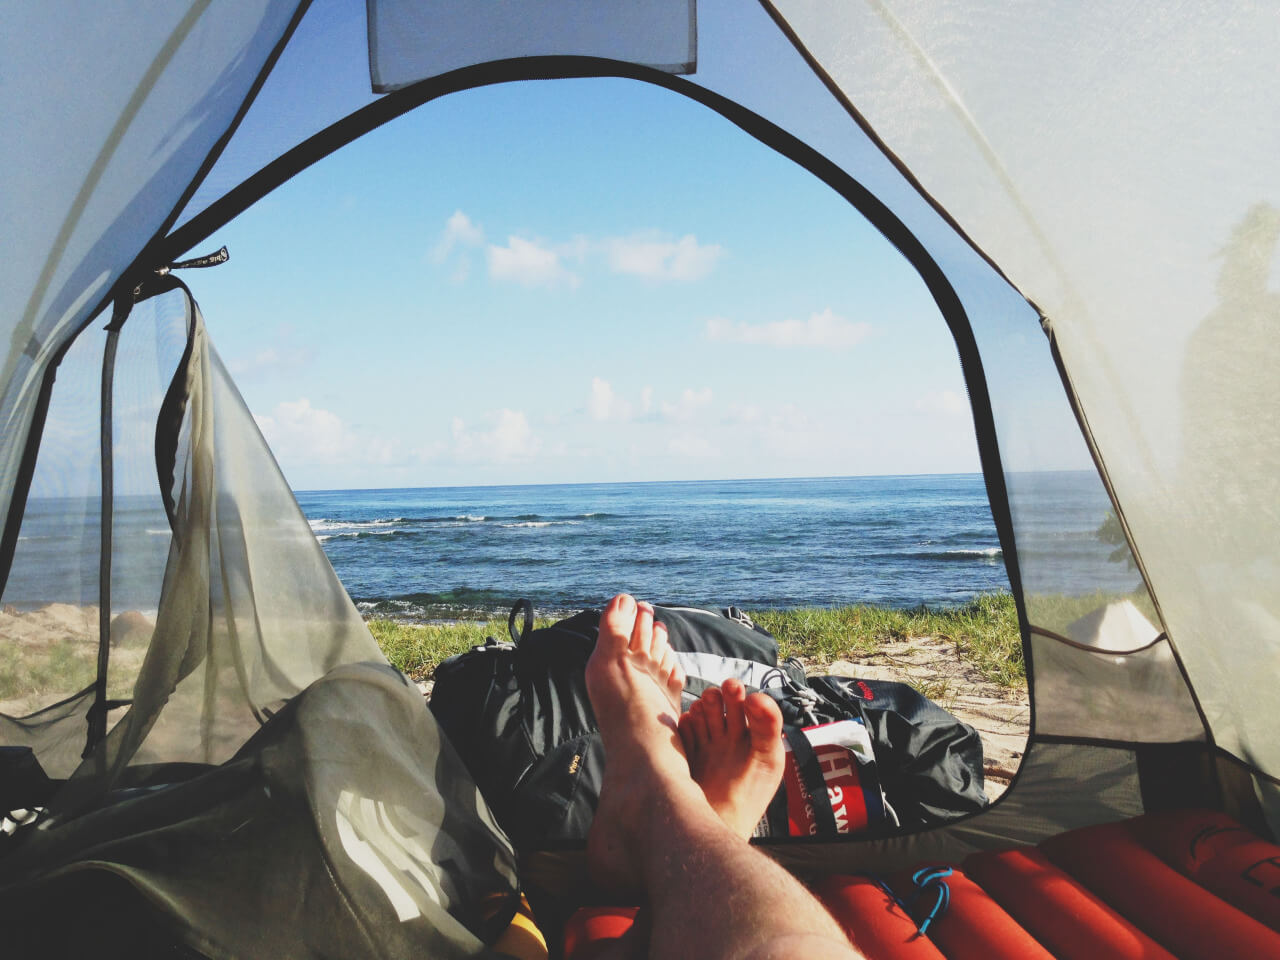 Man waking up inside a tent that overlooks a beach.